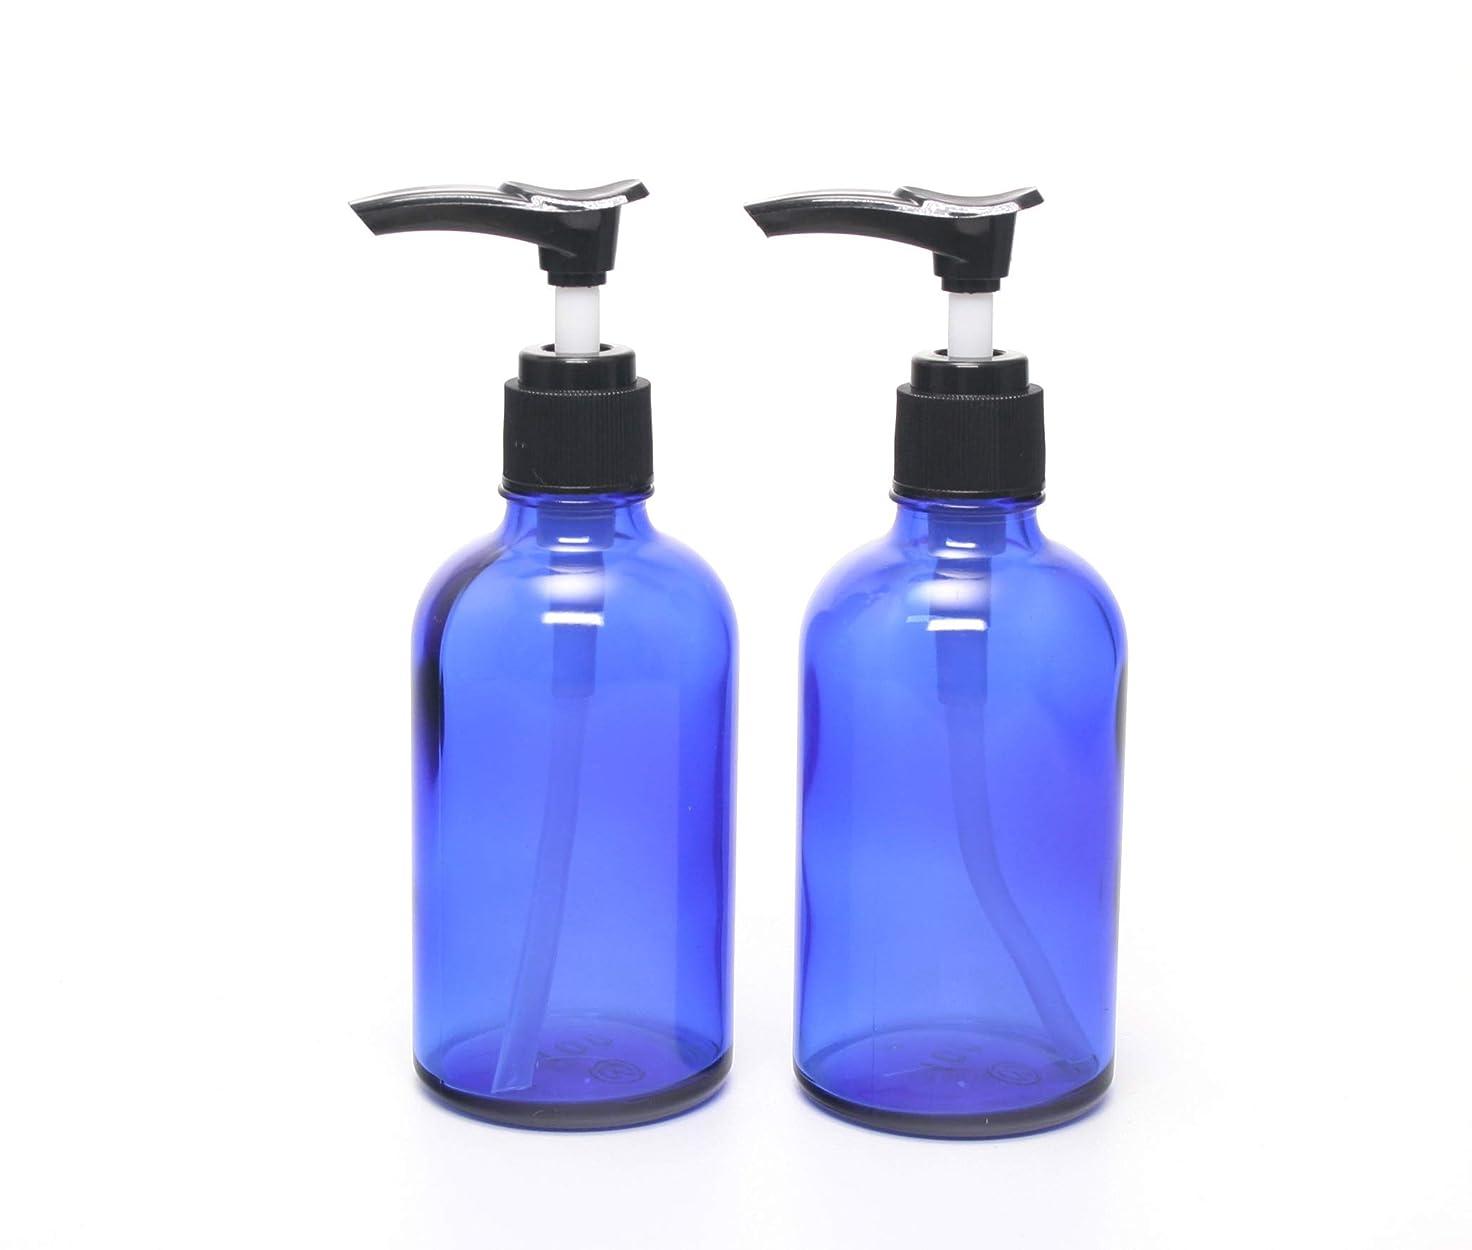 雪だるま類似性装置遮光瓶 ポンプボトル (硝子) 100ml / ブルー ? ブラックポンプヘッド (2本セット)